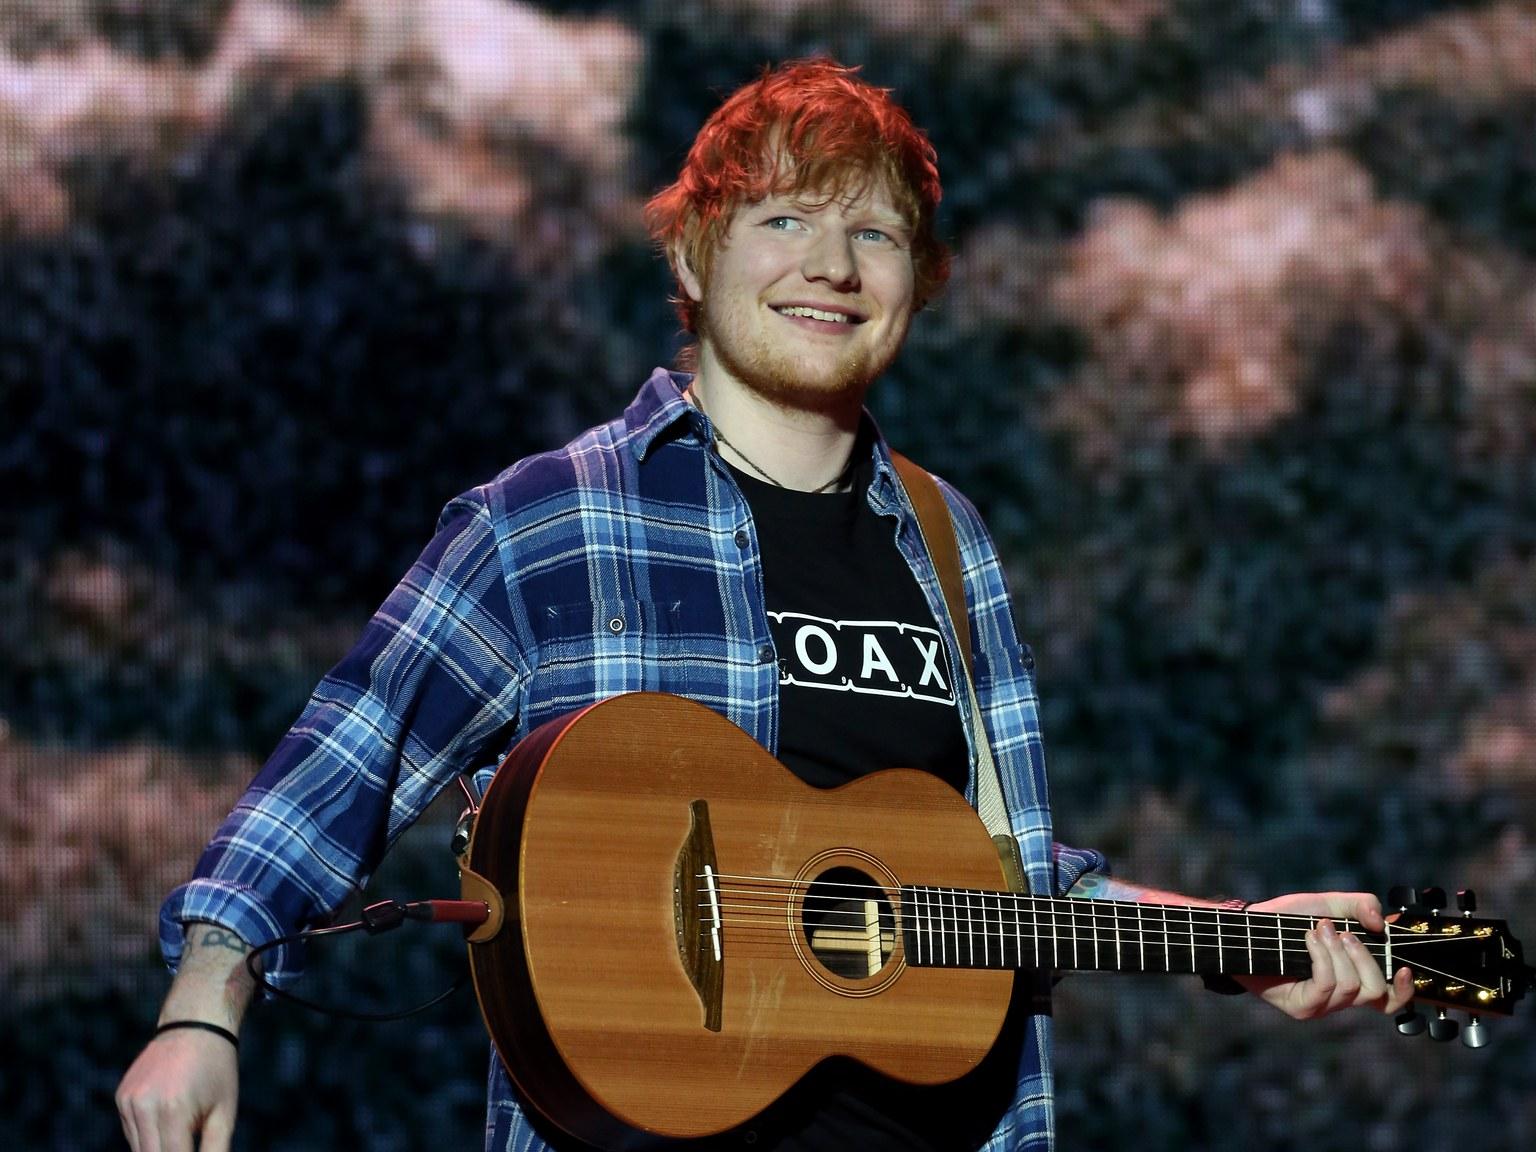 Ed Sheeran Singer-songwriter